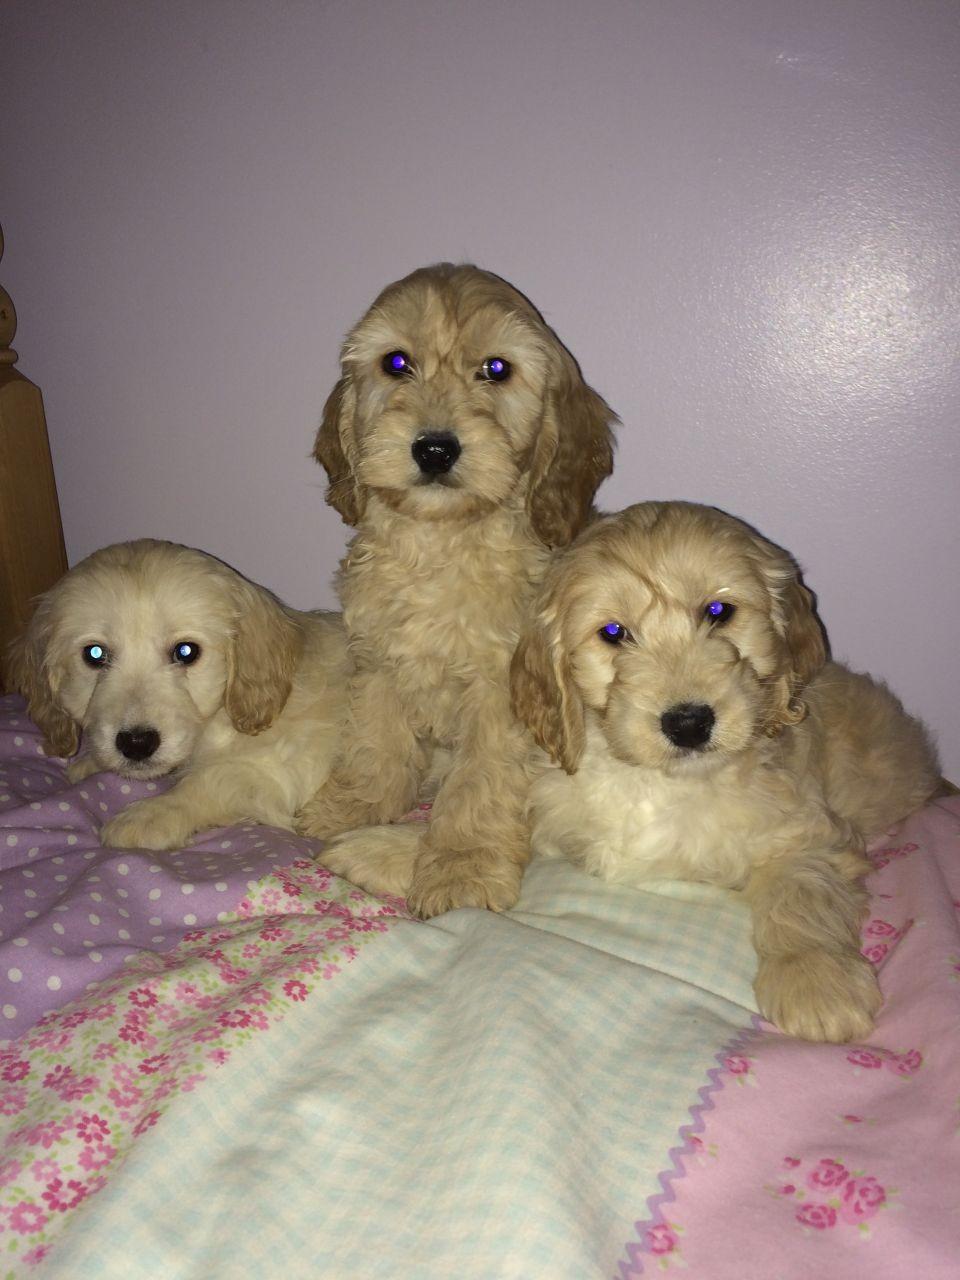 Cockapoo Puppies For Sale Atlanta Ga 174384 Petzlover